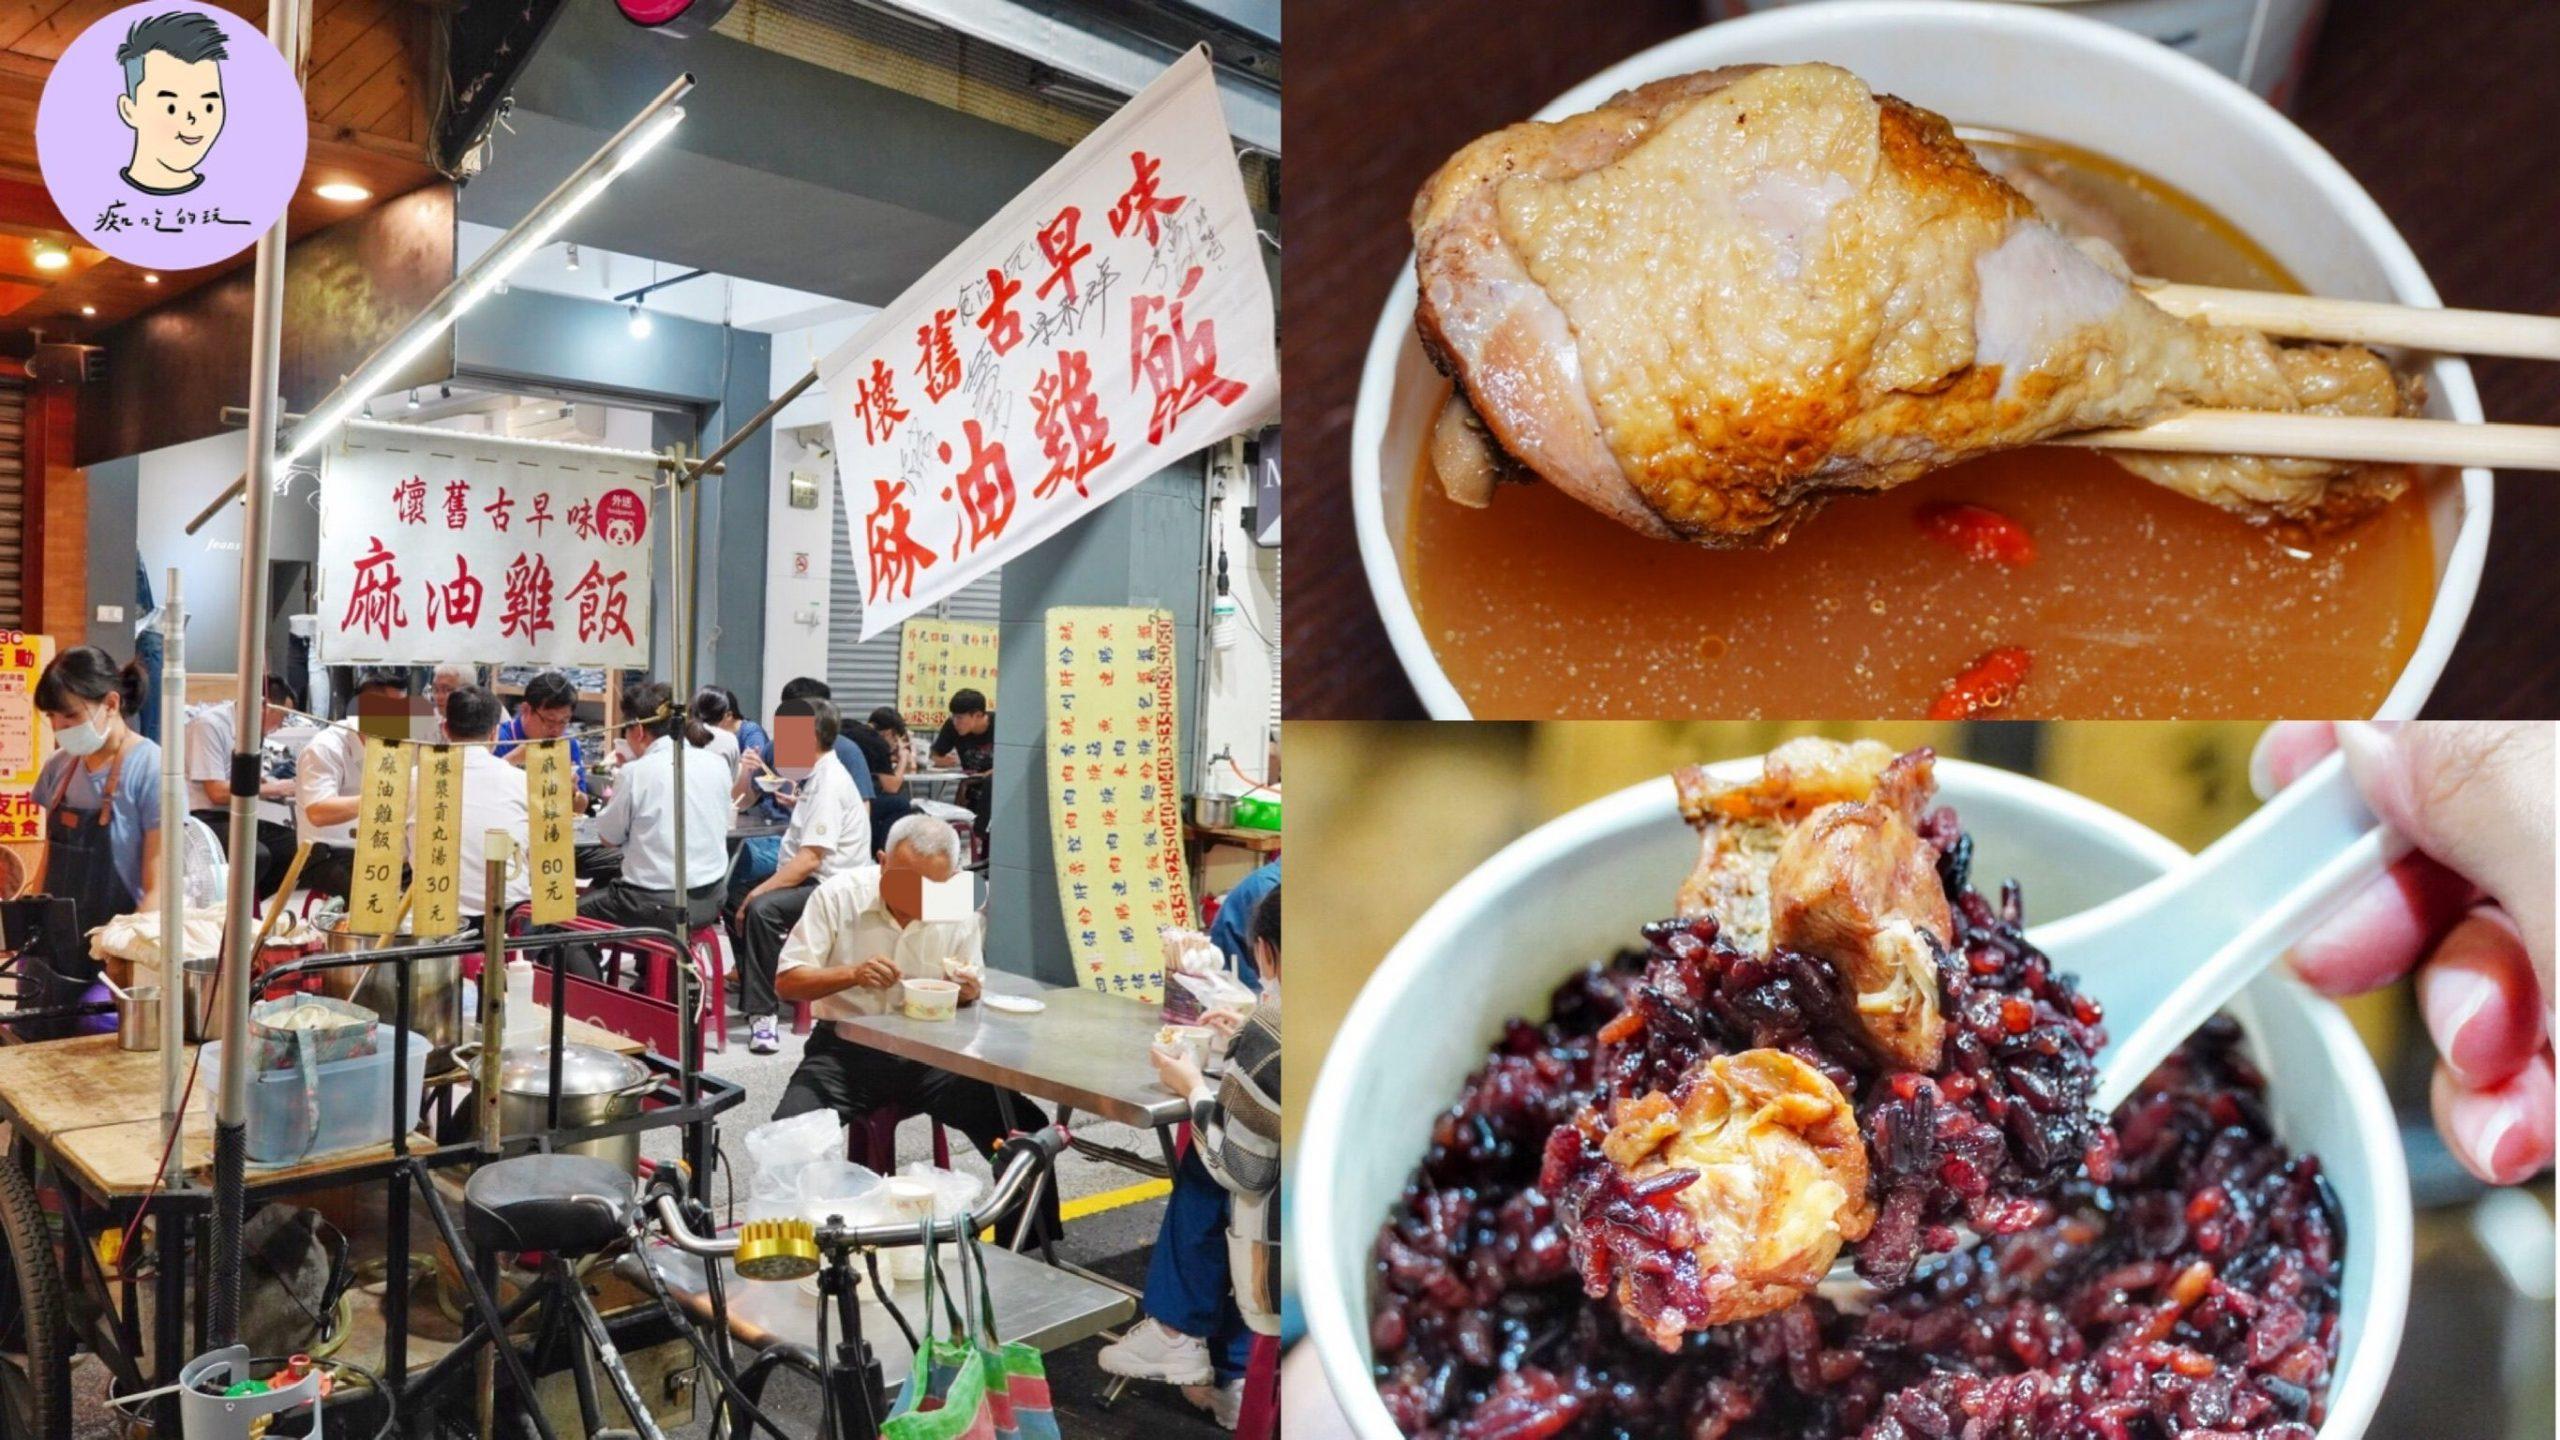 【嘉義文化路夜市】三輪車古早味麻油雞飯,這家很特別竟是紫米飯,整隻麻油大雞腿別錯過 – 懷舊古早味麻油雞飯